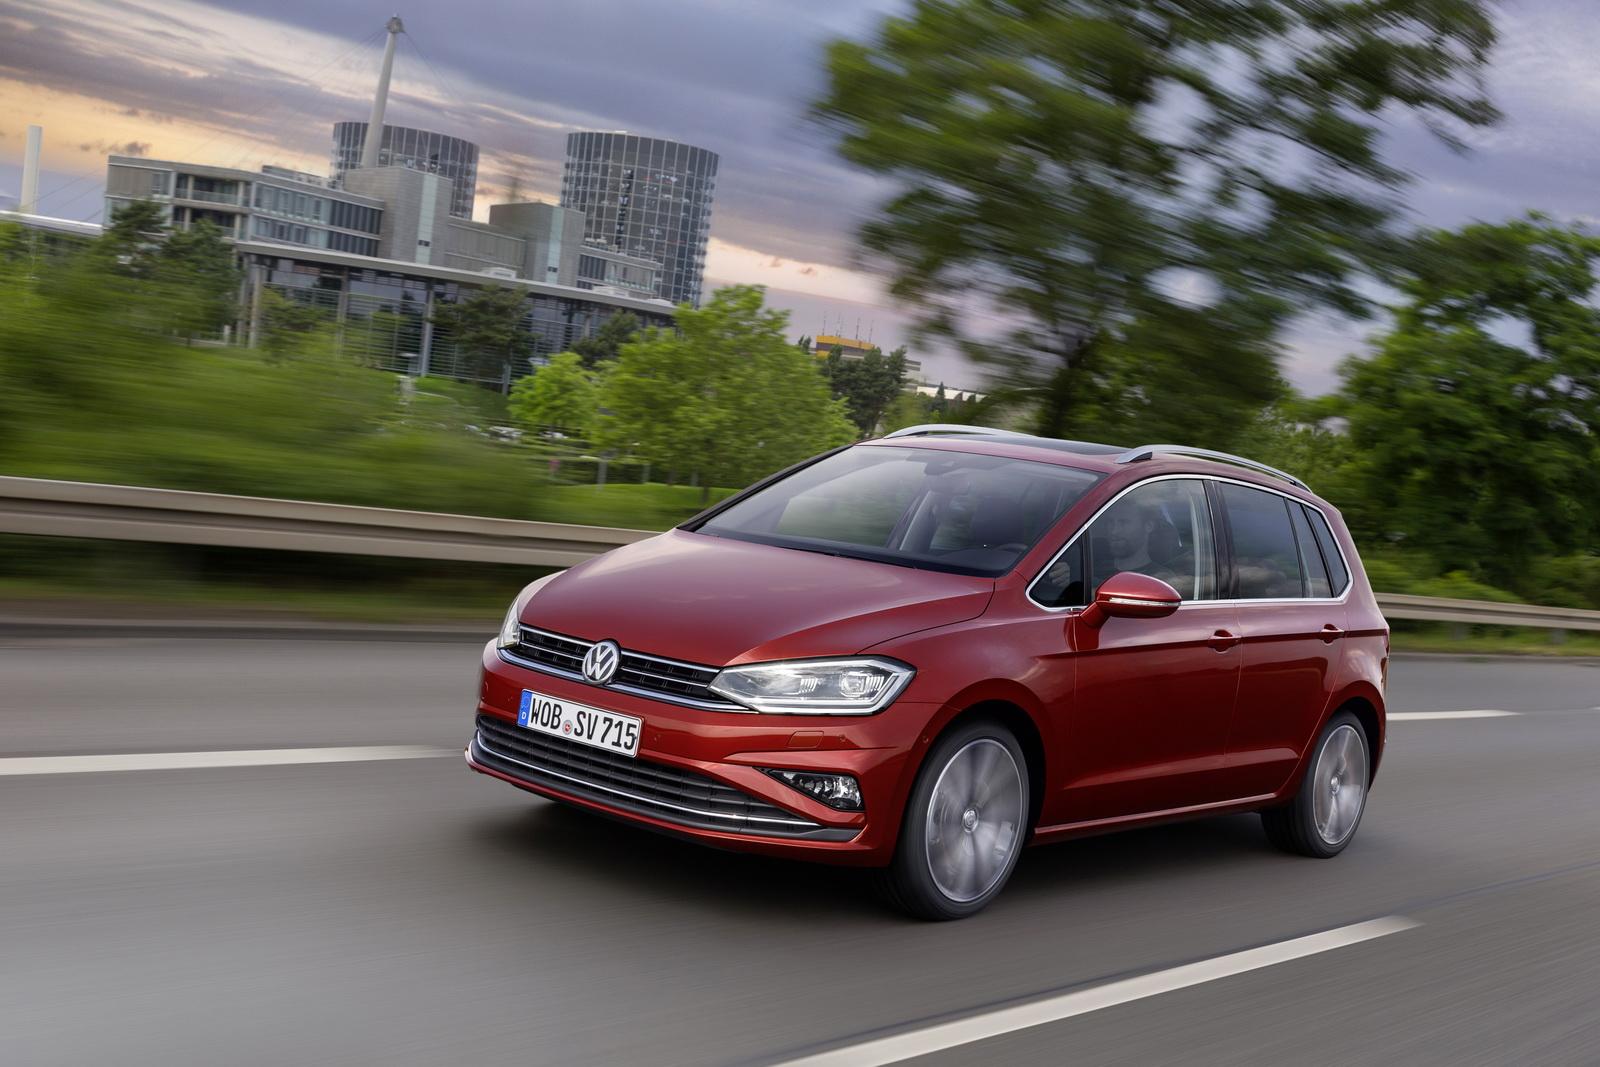 2018_Volkswagen_Golf_Sportsvan_facelift_07